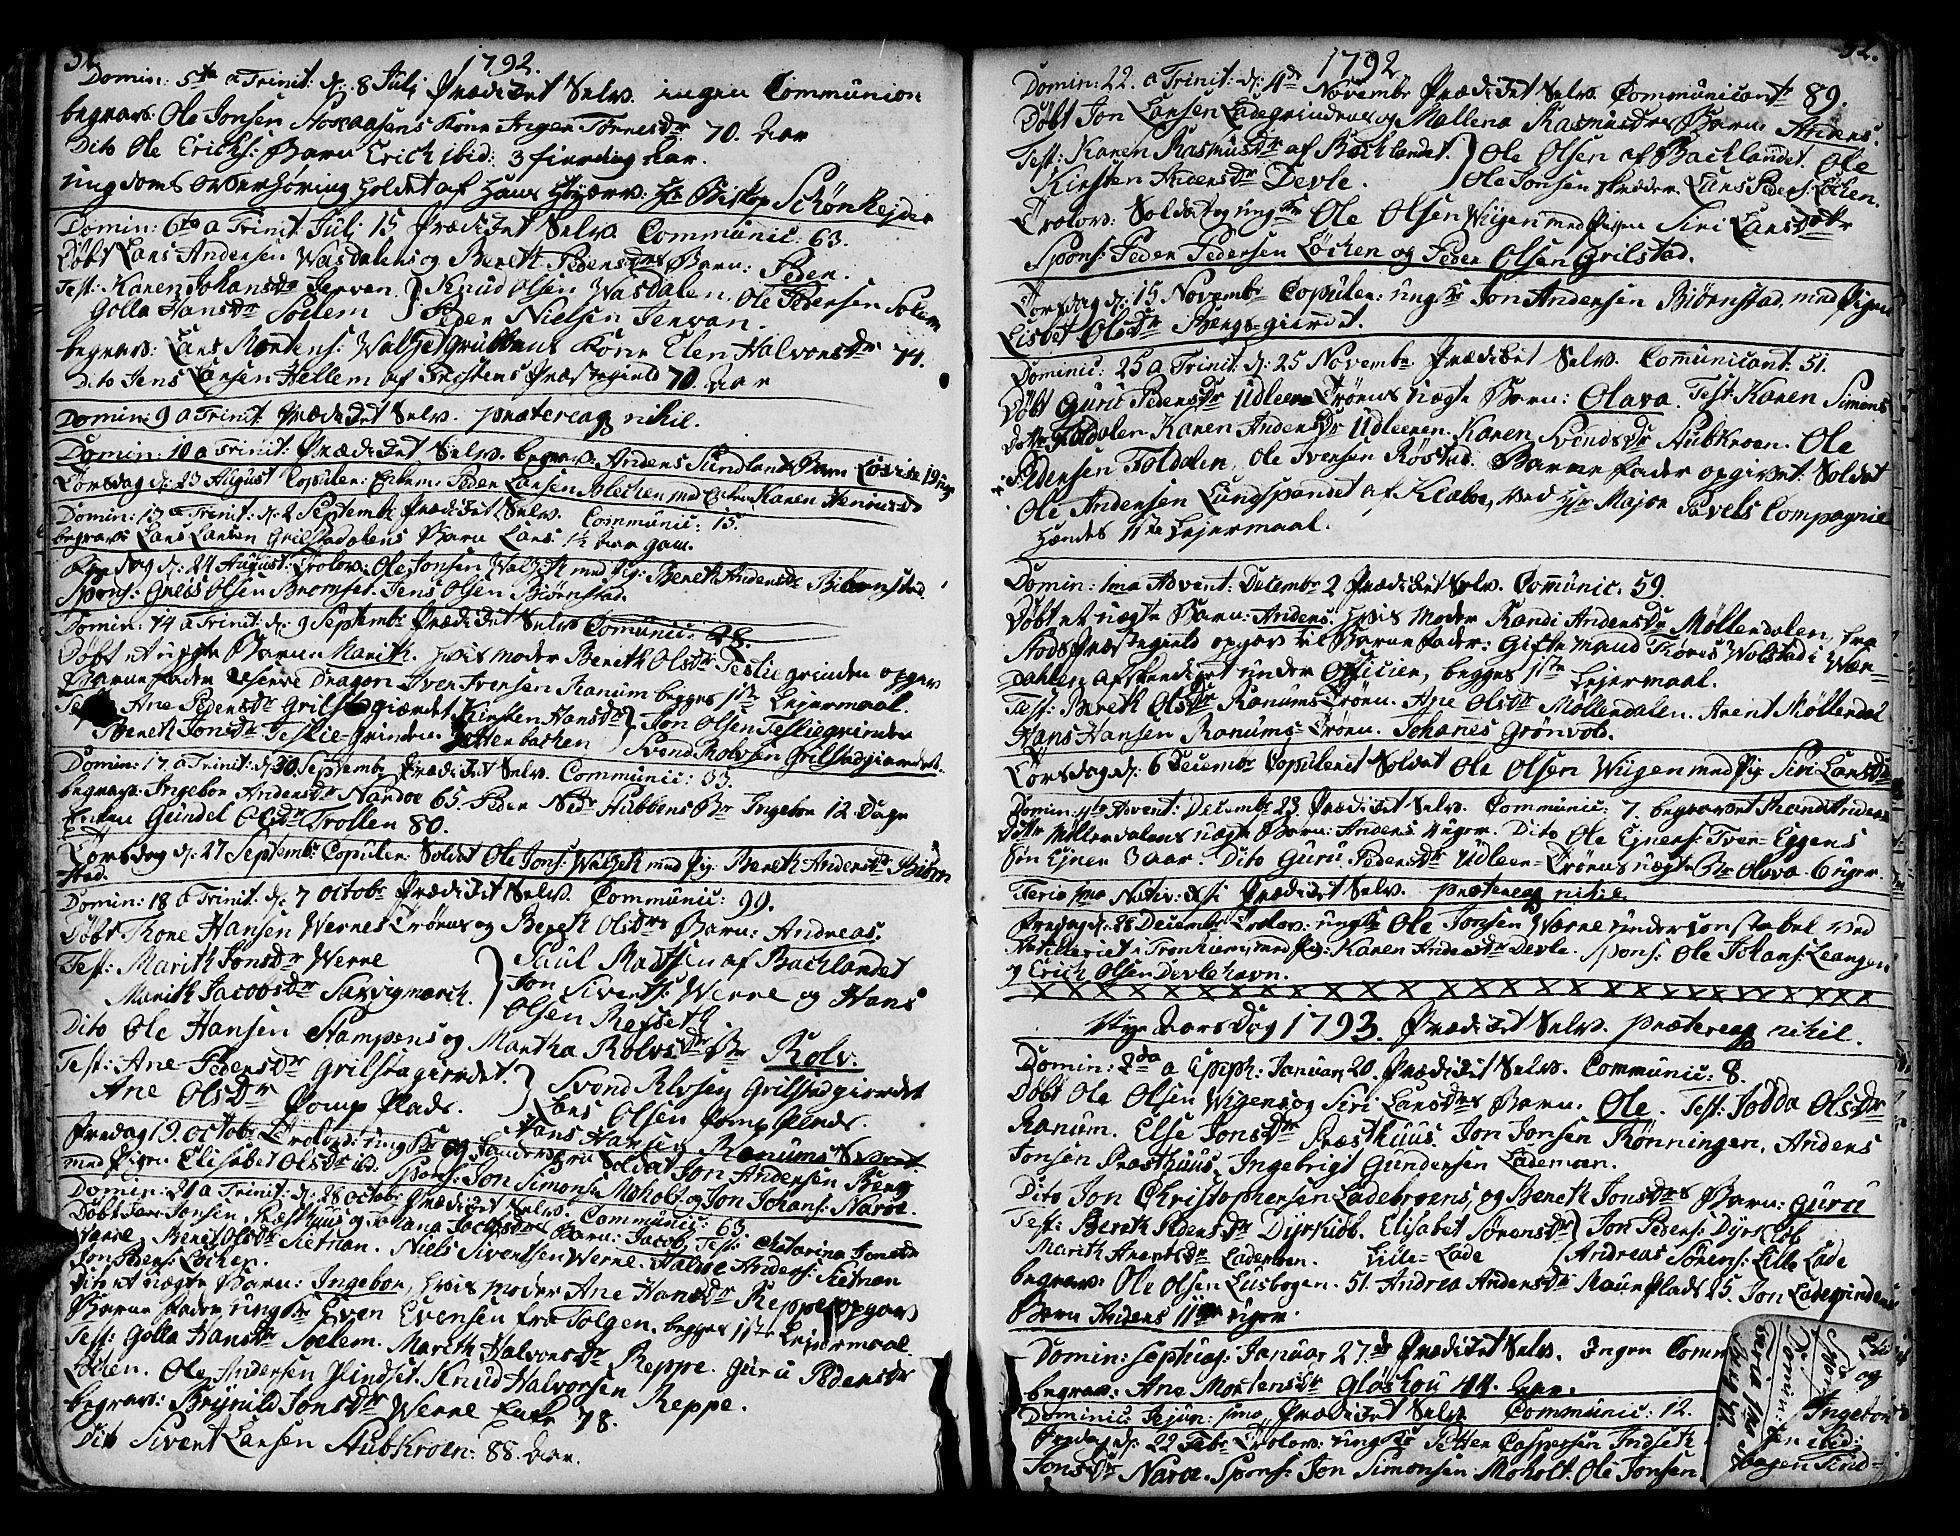 SAT, Ministerialprotokoller, klokkerbøker og fødselsregistre - Sør-Trøndelag, 606/L0280: Ministerialbok nr. 606A02 /1, 1781-1817, s. 51-52